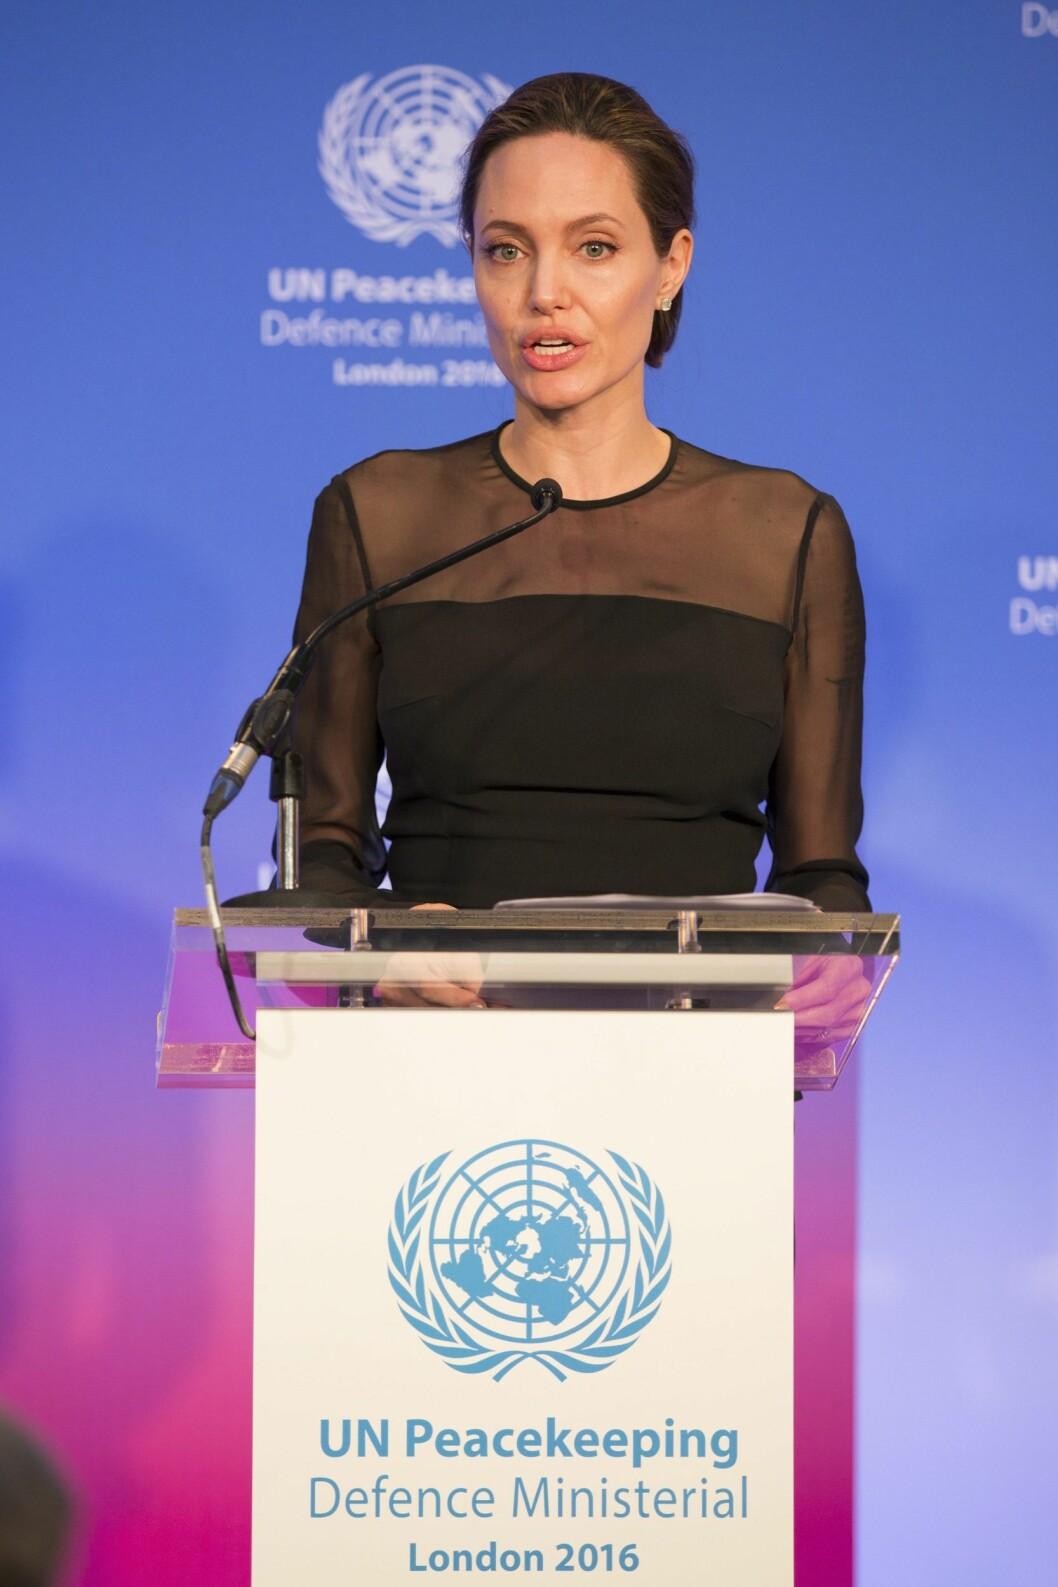 SERIØS DAME: Angelina Jolie har beveget seg bort fra Hollywood og mot humanitært arbeid. Her taler hun under en FN-konferanse i London 8. september, en drøy uke før bruddet med Pitt ble kjent.  Foto: Epa